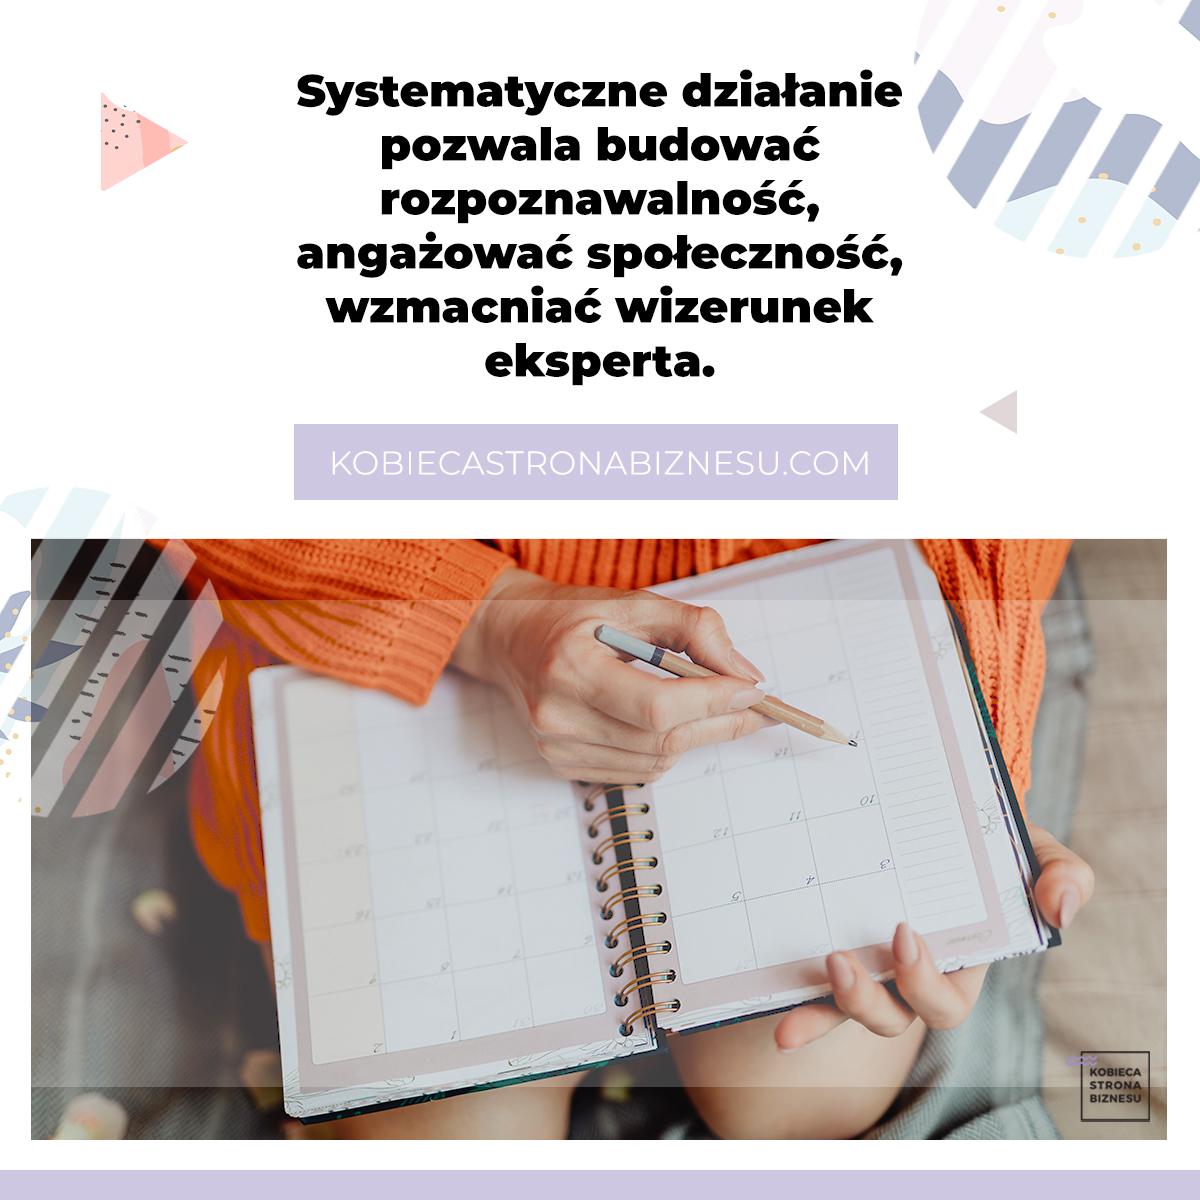 Jak być systematycznym w działaniach online, jak regularnie publikować - harmonogram publikacji, content, blog, media społecznościowe - Kobieca Strona Biznesu Karolina Kołodziejczyk